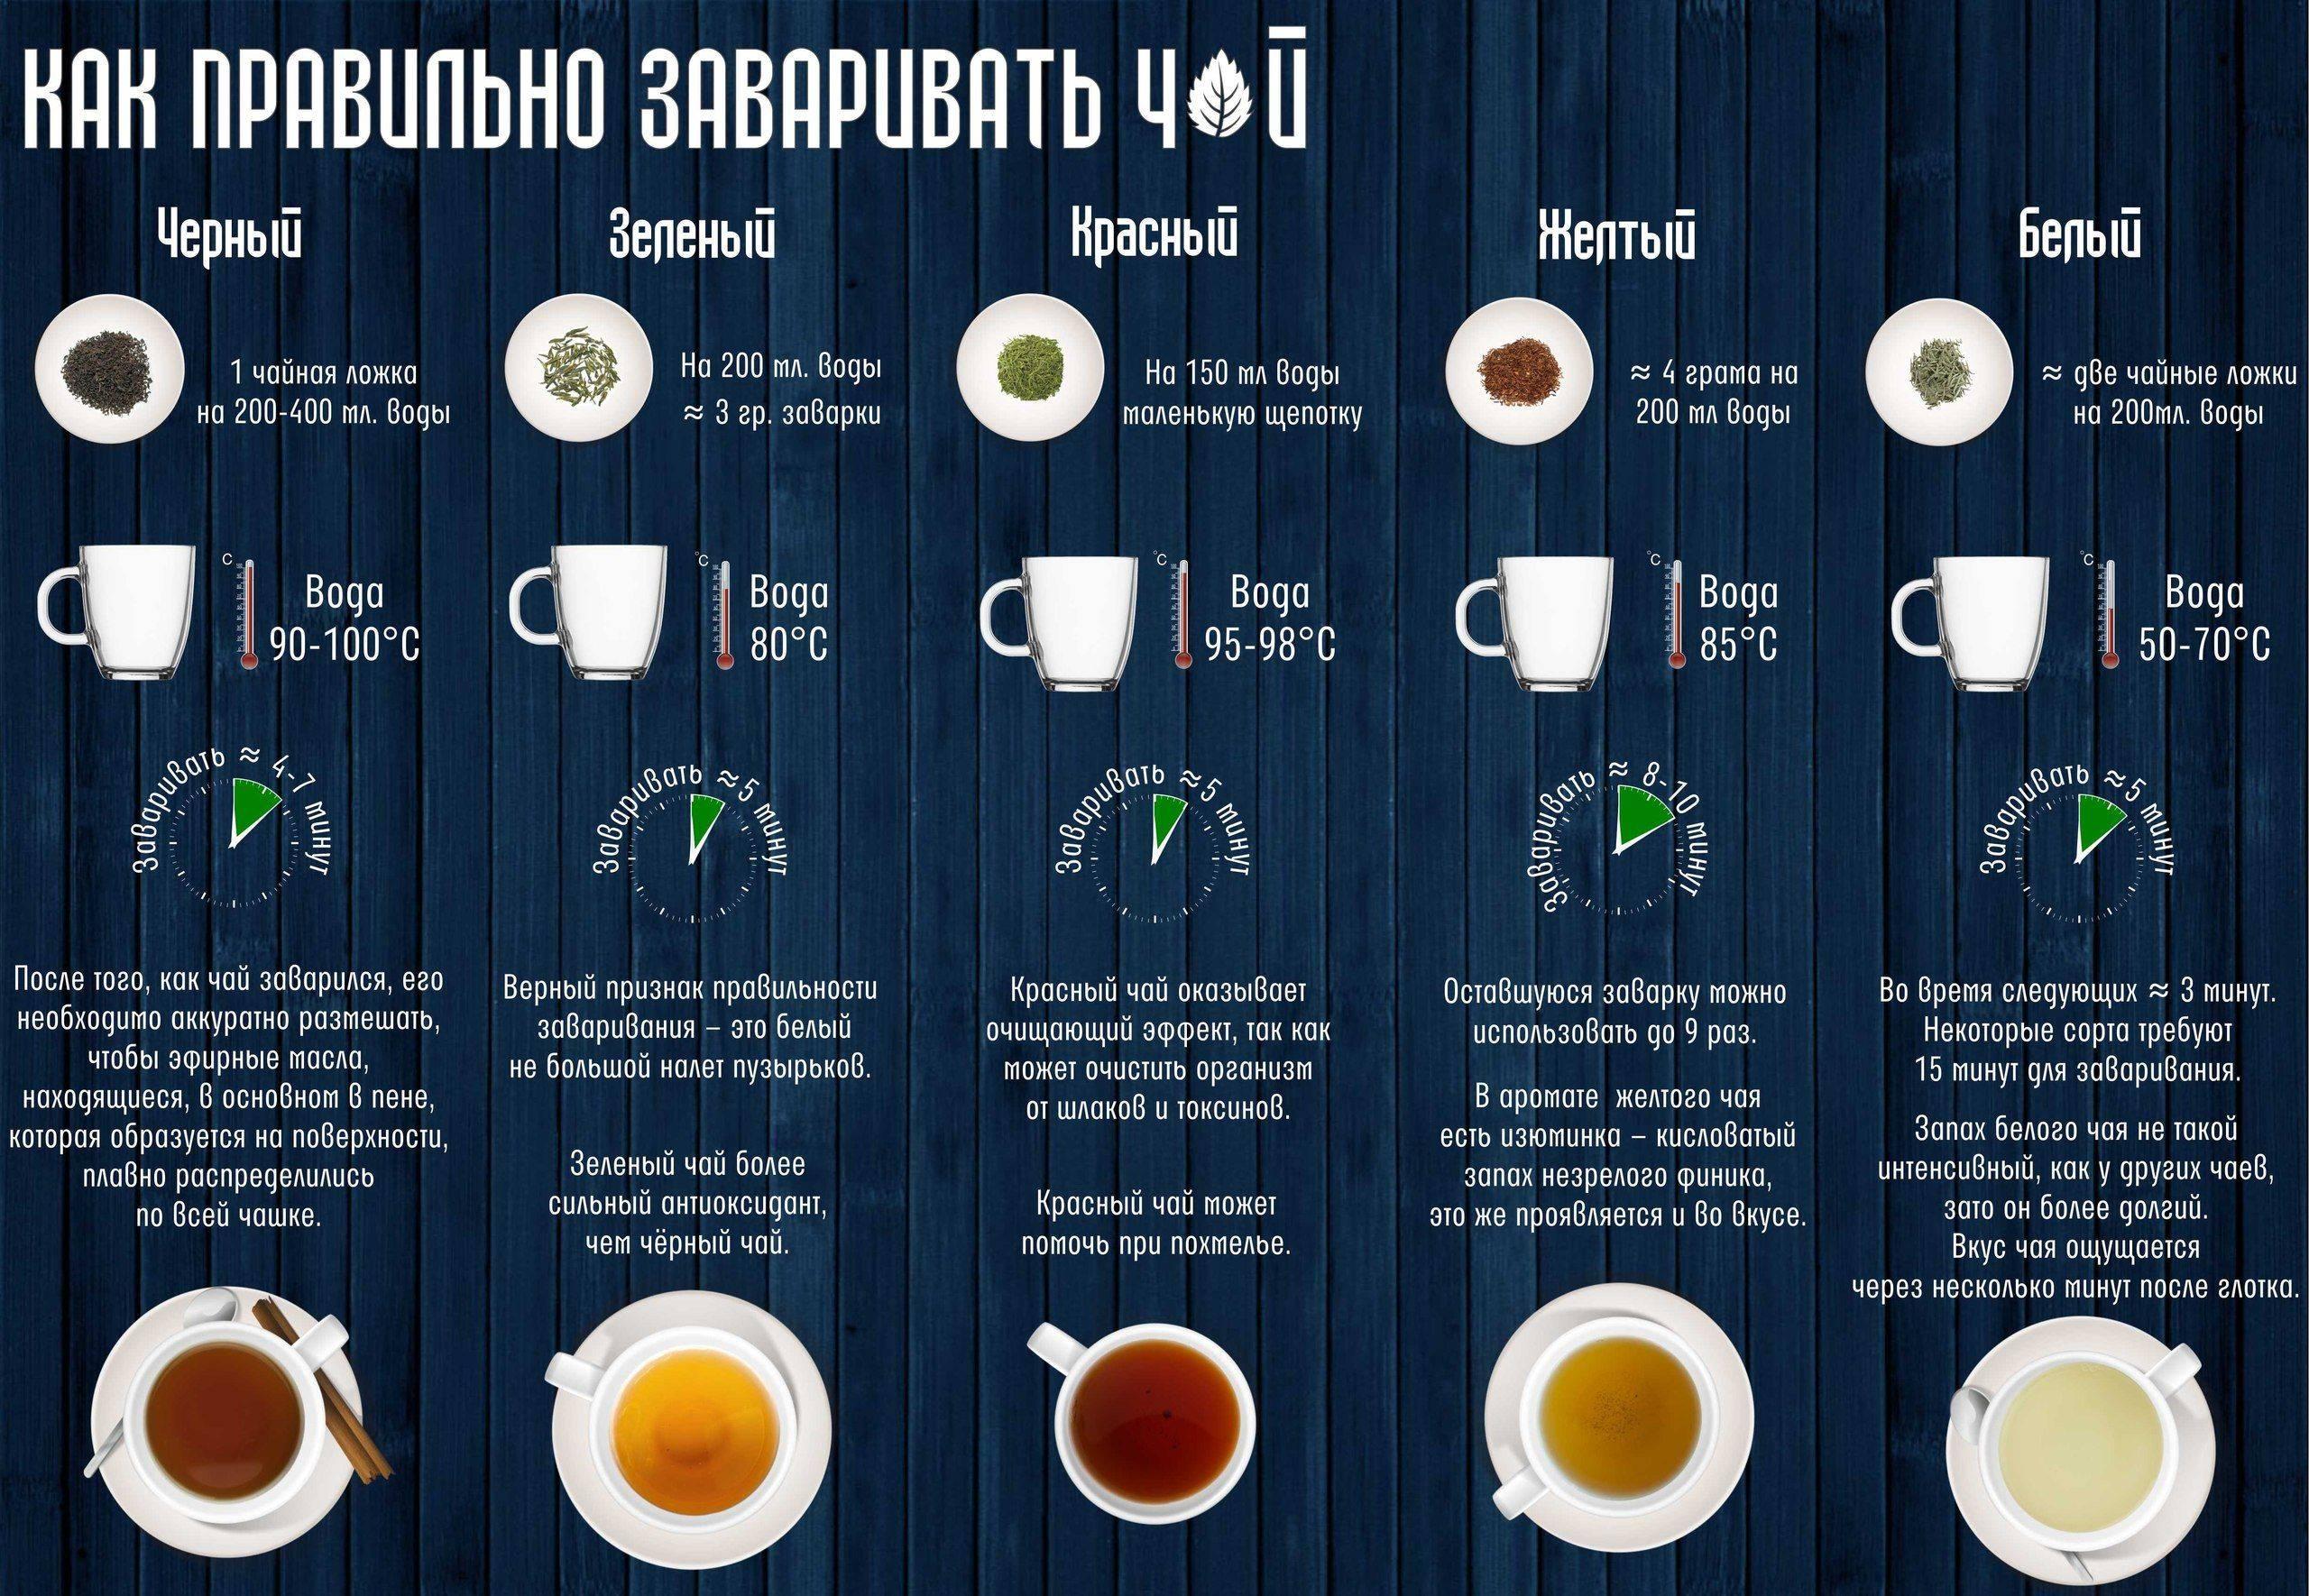 Можно ли пить кофе на ночь?